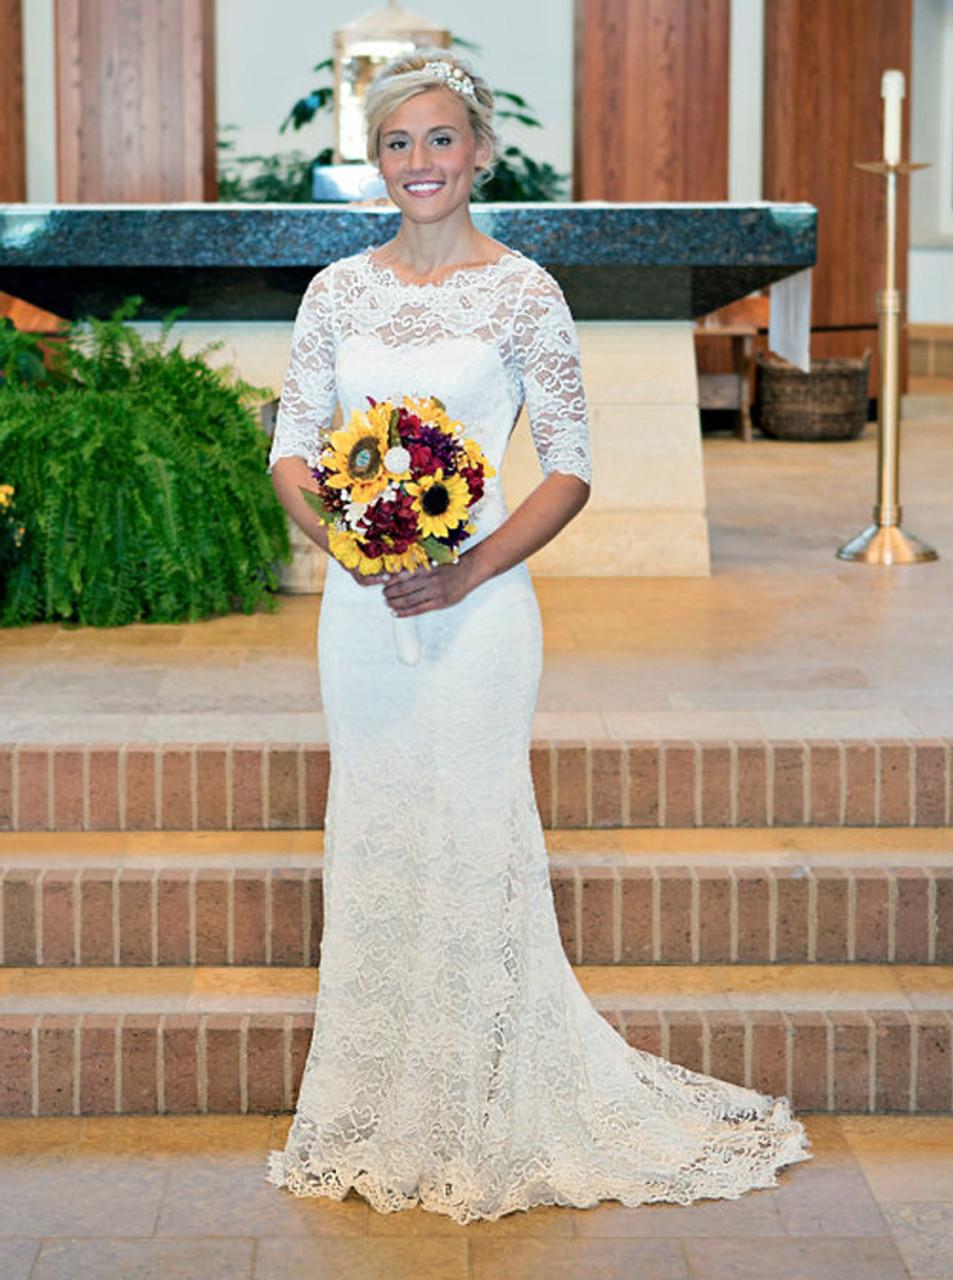 Open Back Wedding Dresses Lace Mermaid Wedding Dress With Sleeves 11282 Landress Co Uk